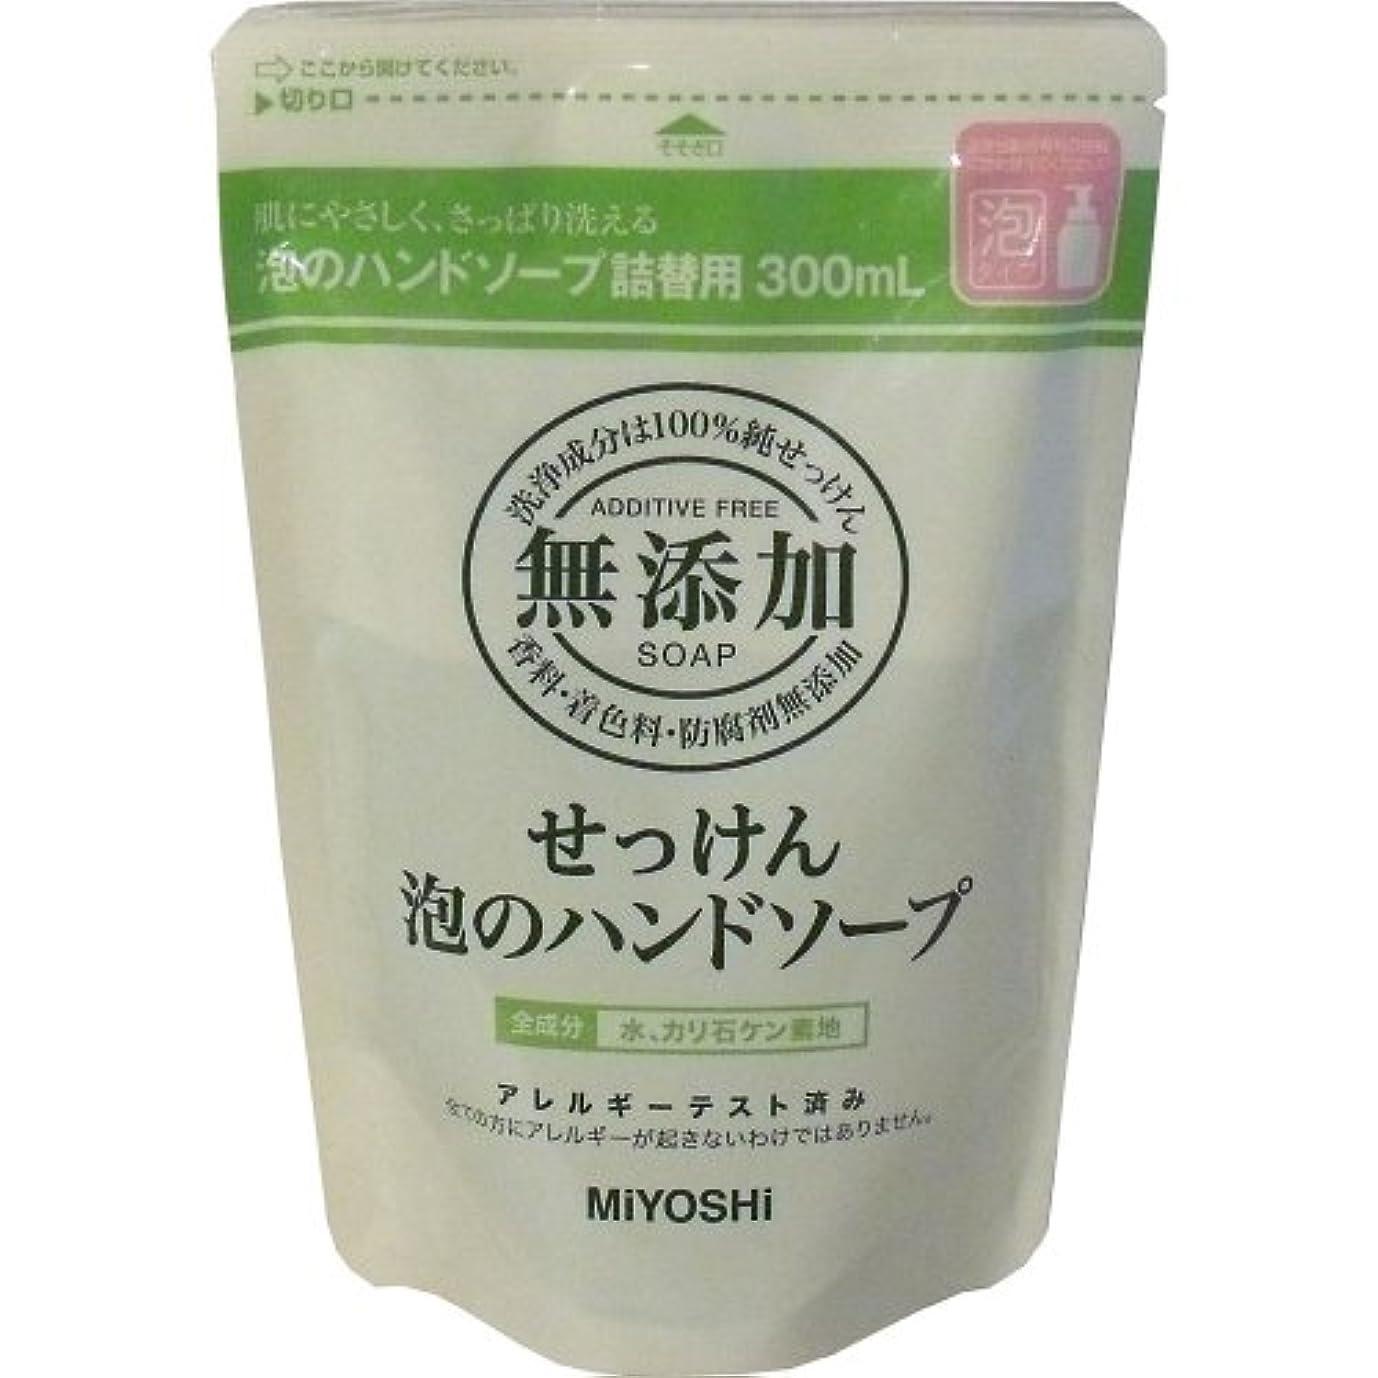 ビヨン欠席ゴミ無添加せっけん 泡のハンドソープ 詰替用 300mL ×10個セット